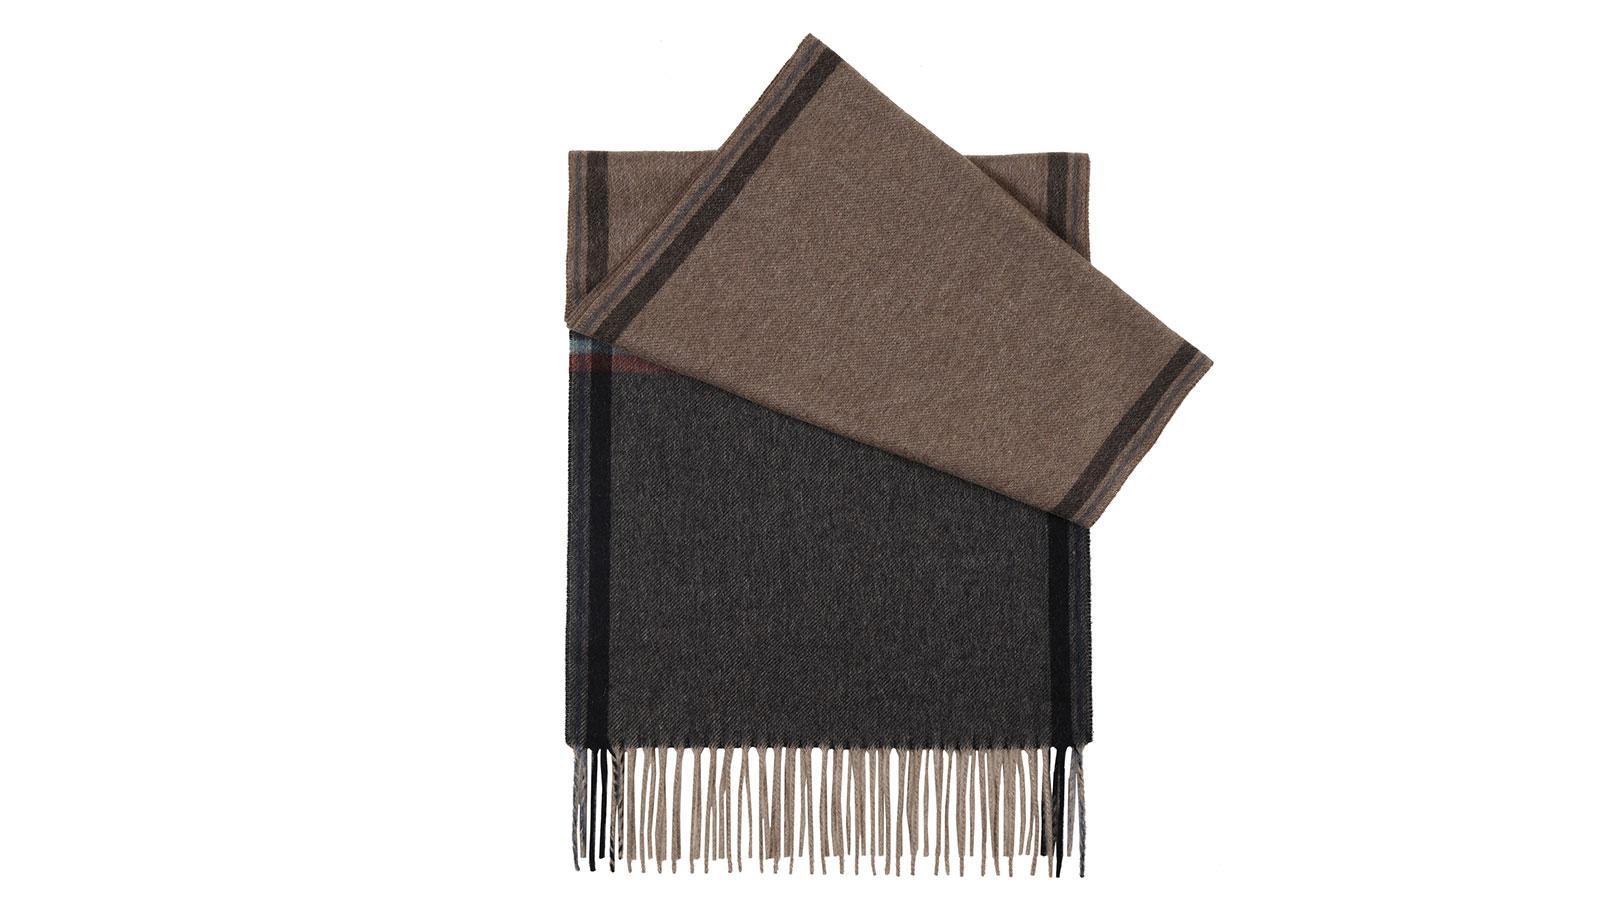 Beige & Charcoal Cashmere Scarf - slider image